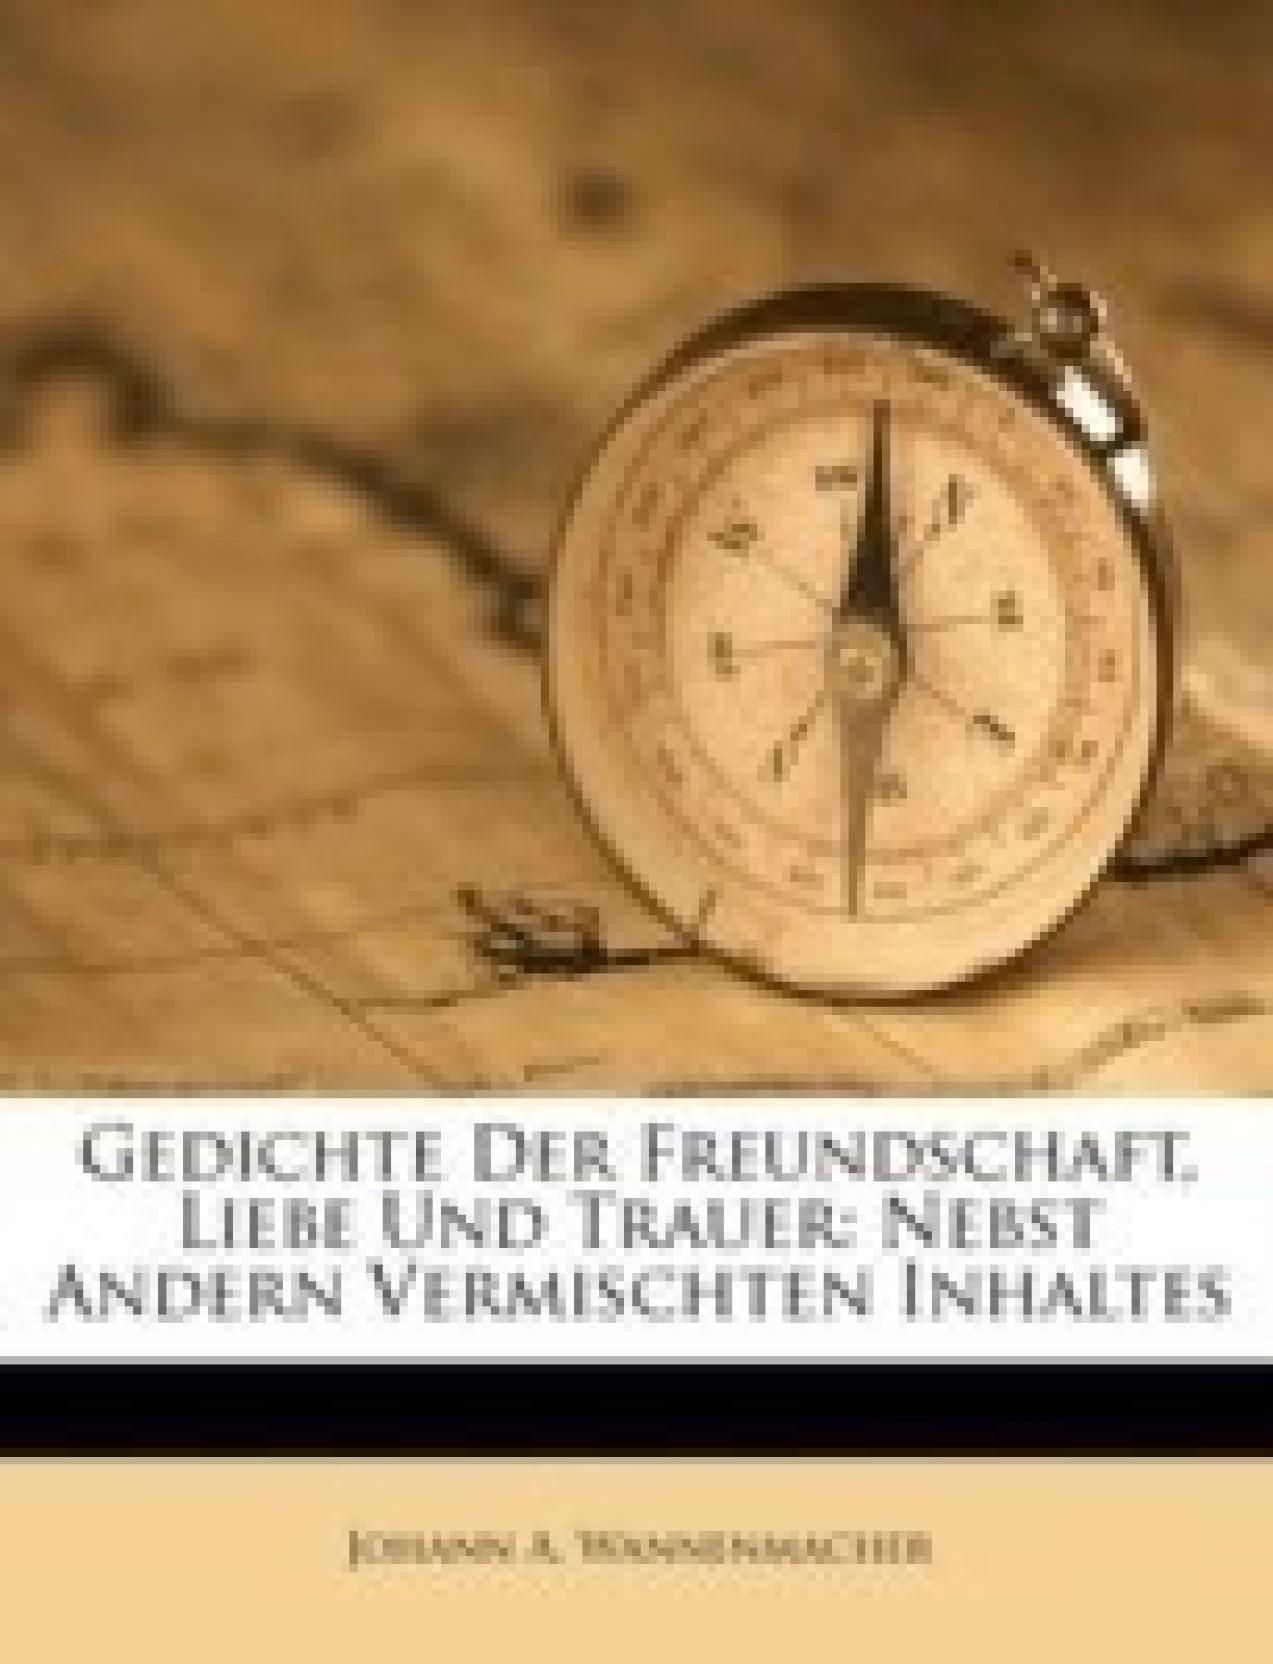 Gedichte Der Freundschaft Liebe Uund Trauer Buy Gedichte